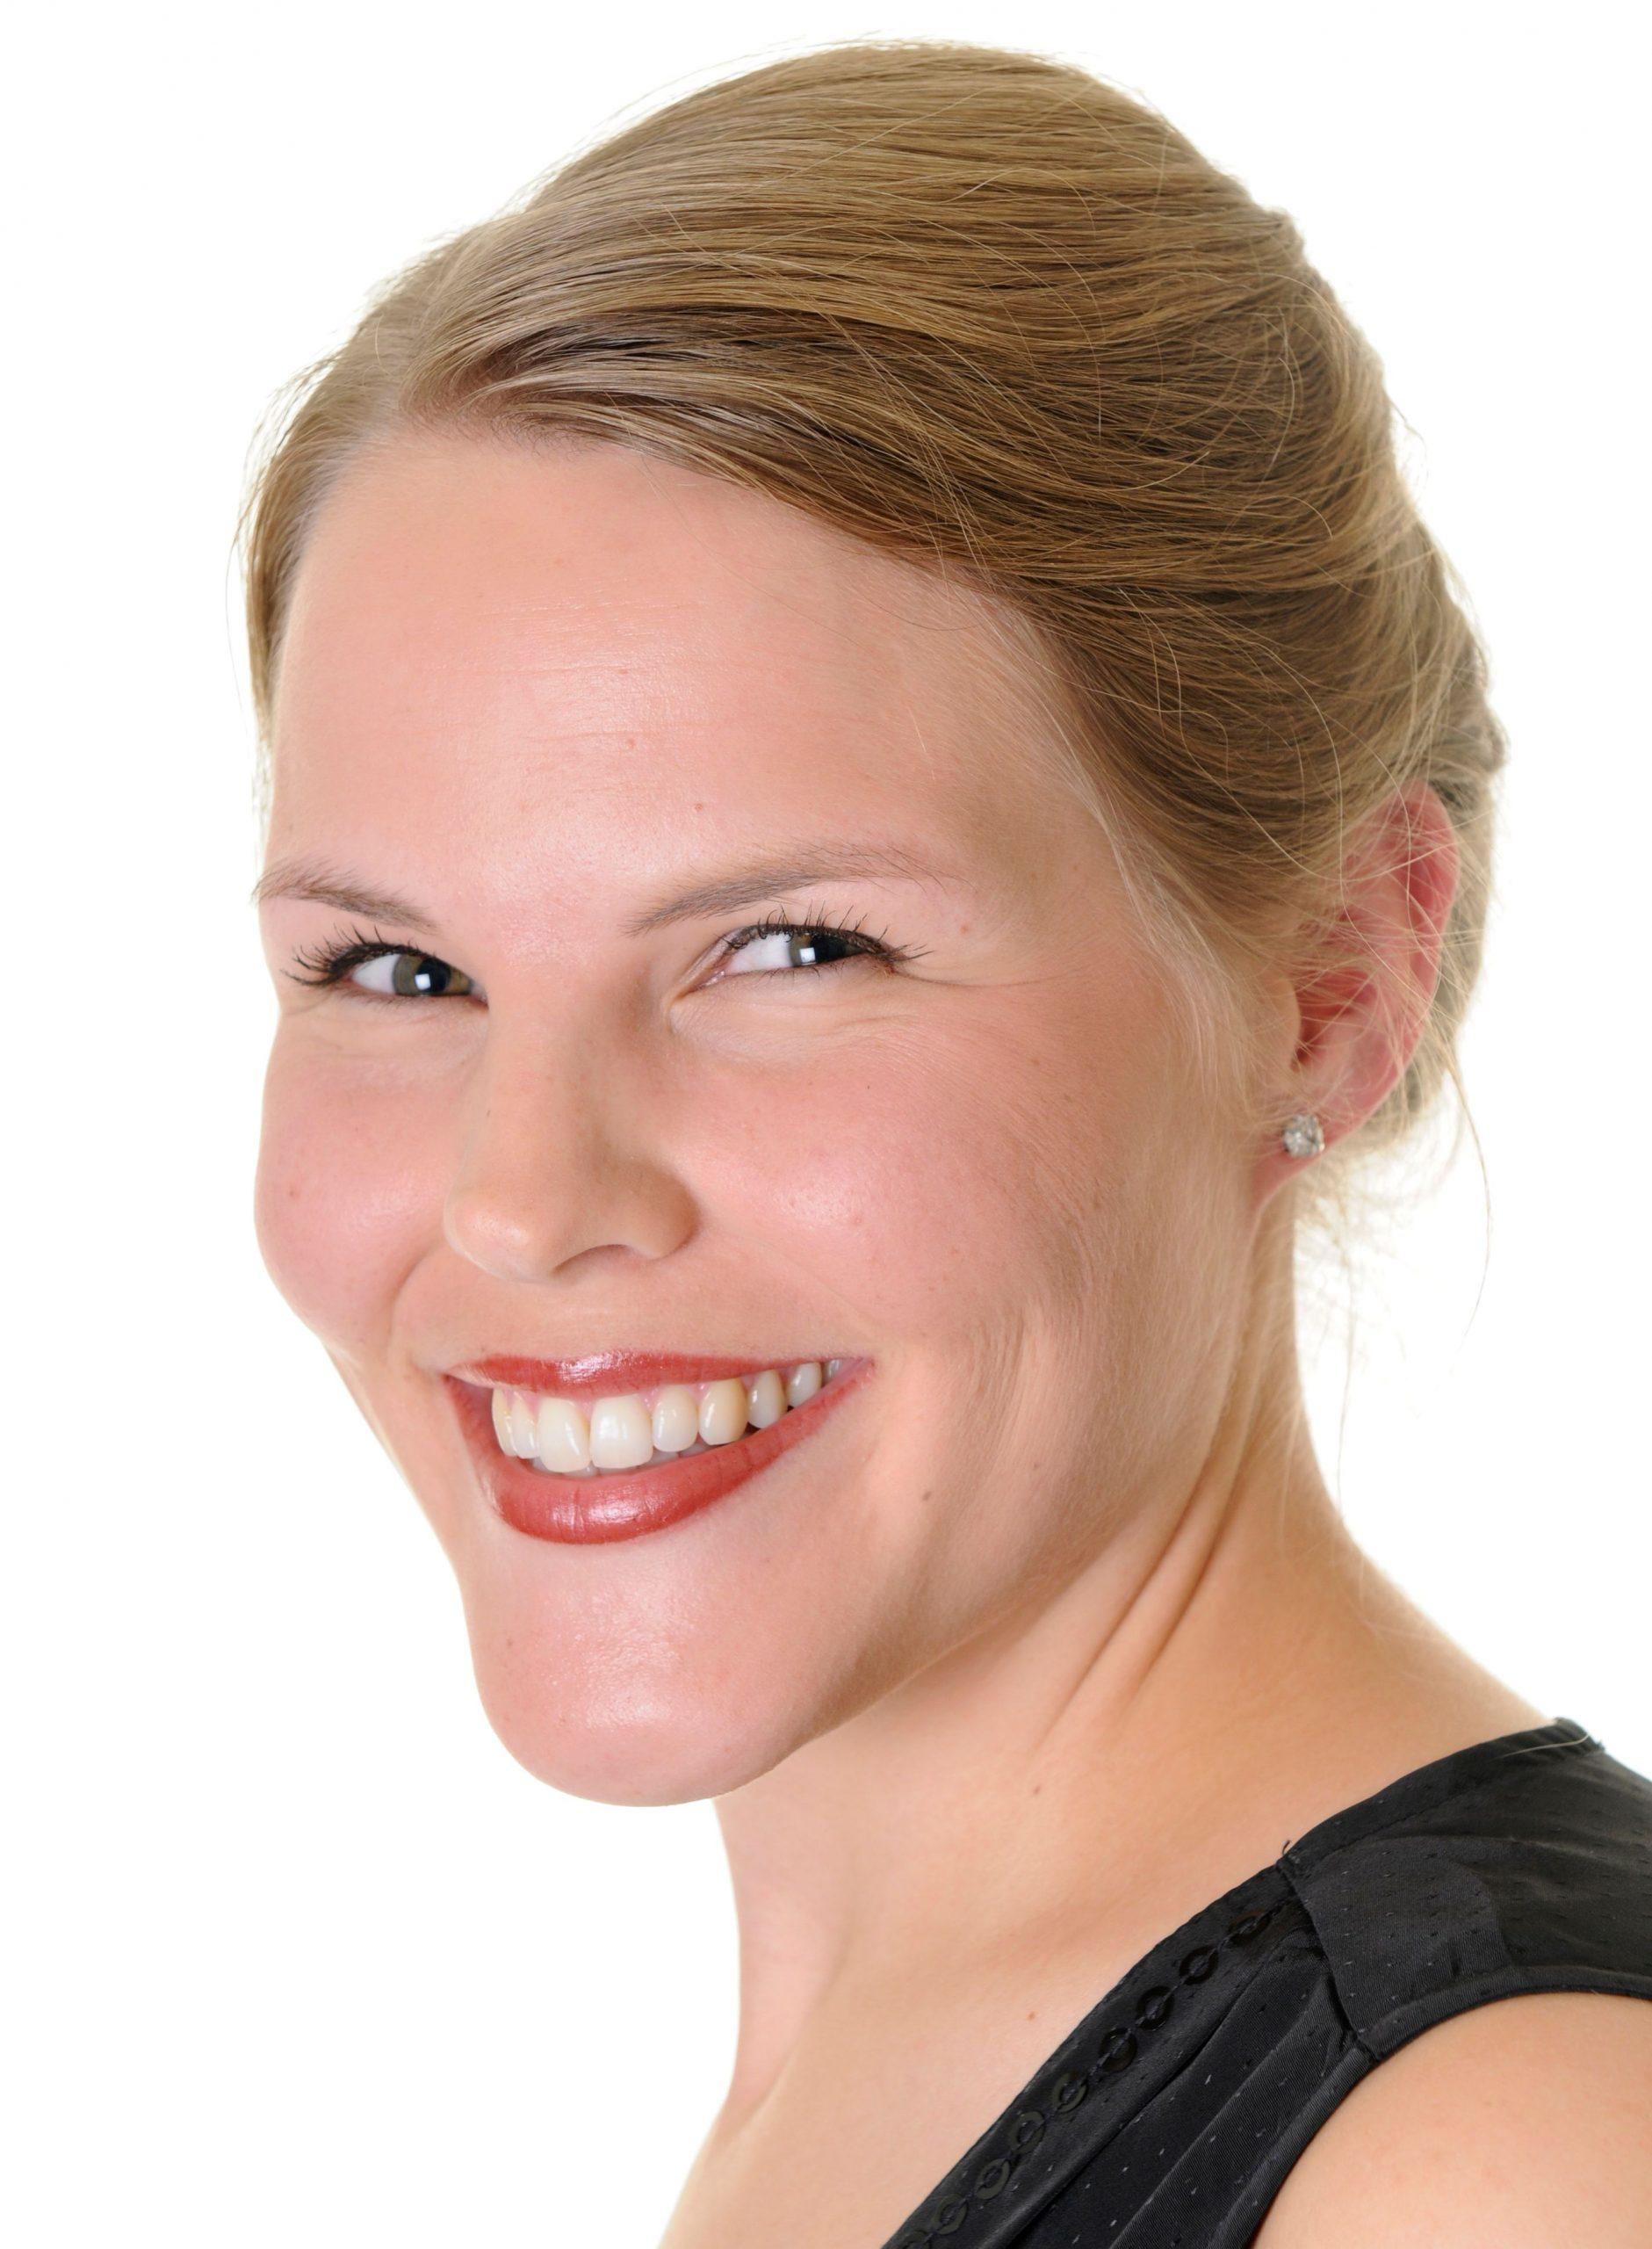 Kari Lise Høgseth